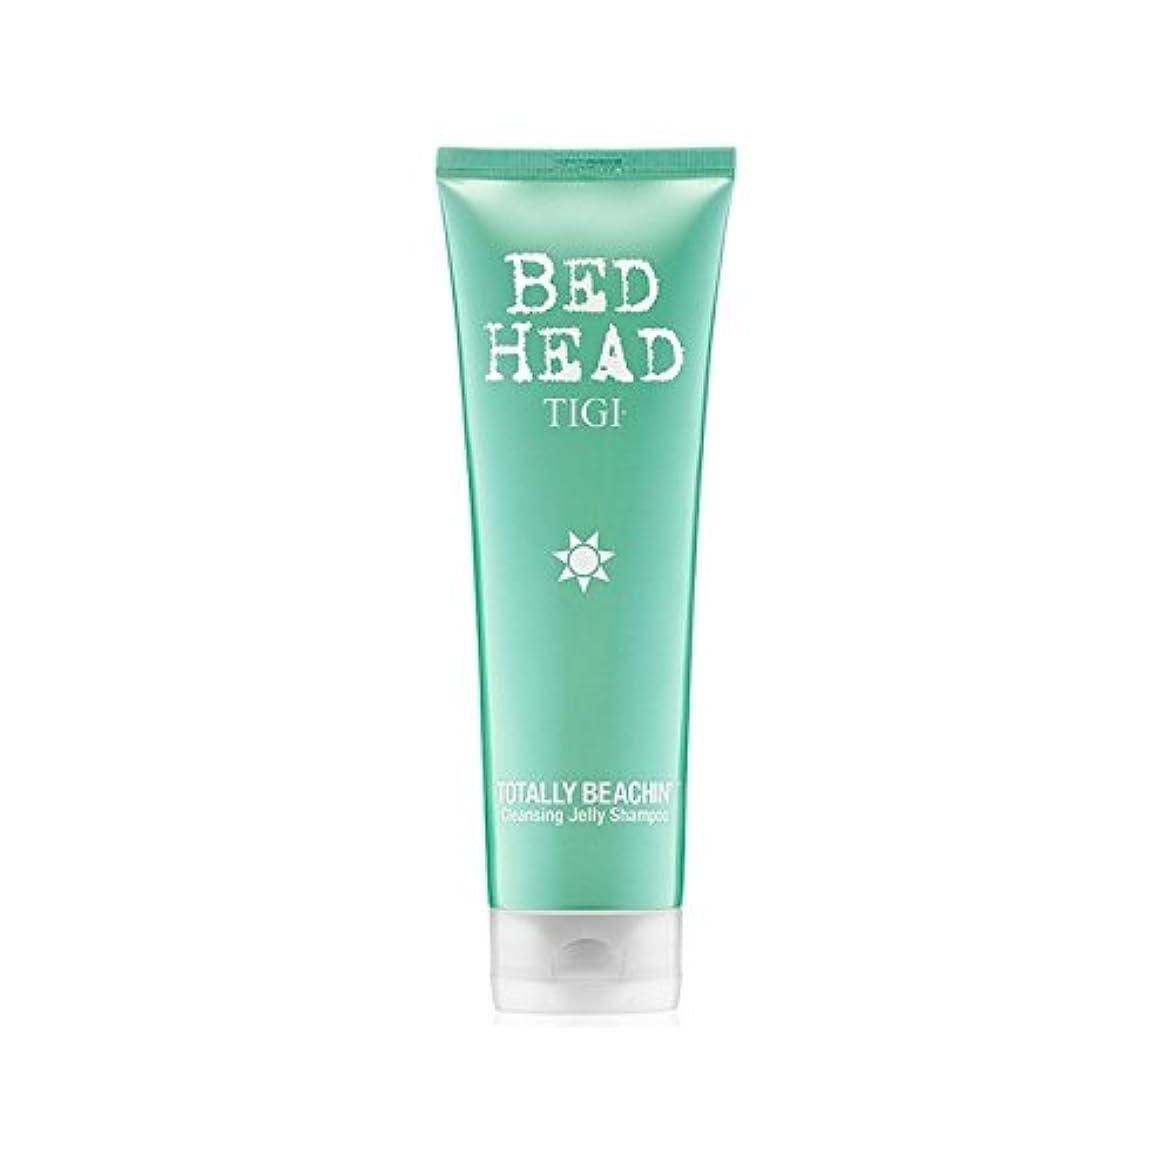 ドラゴン冷蔵庫増加する完全にクレンジングゼリーシャンプー(250ミリリットル)ティジーベッドヘッド x2 - Tigi Bed Head Totally Beachin Cleansing Jelly Shampoo (250ml) (Pack of 2) [並行輸入品]